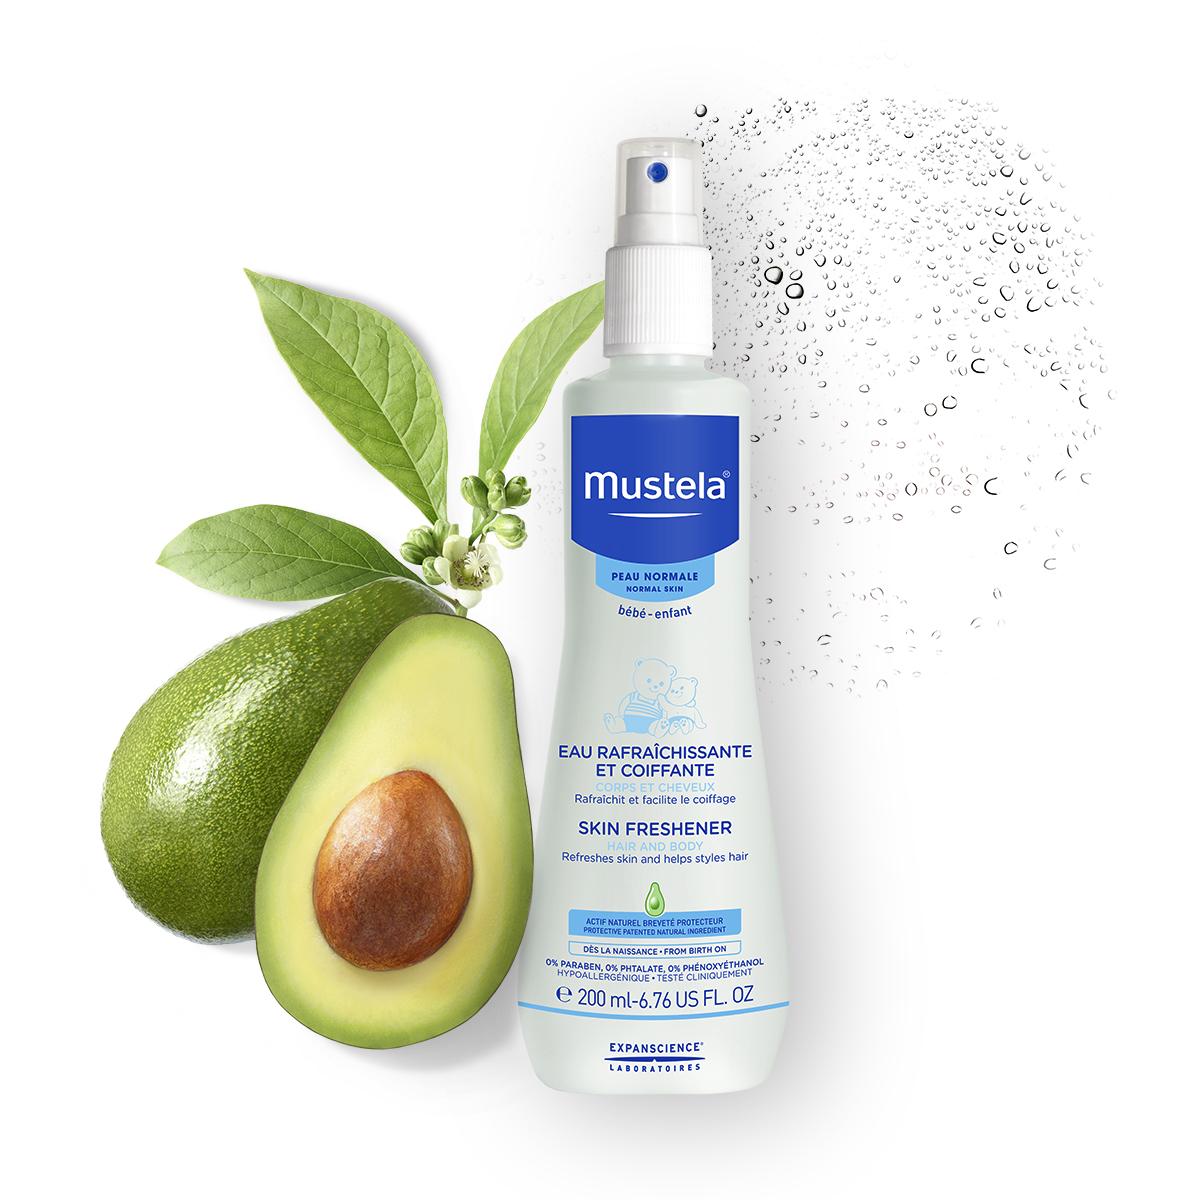 Xịt dưỡng cho da & tóc cho bé Mustela Skin Freshener